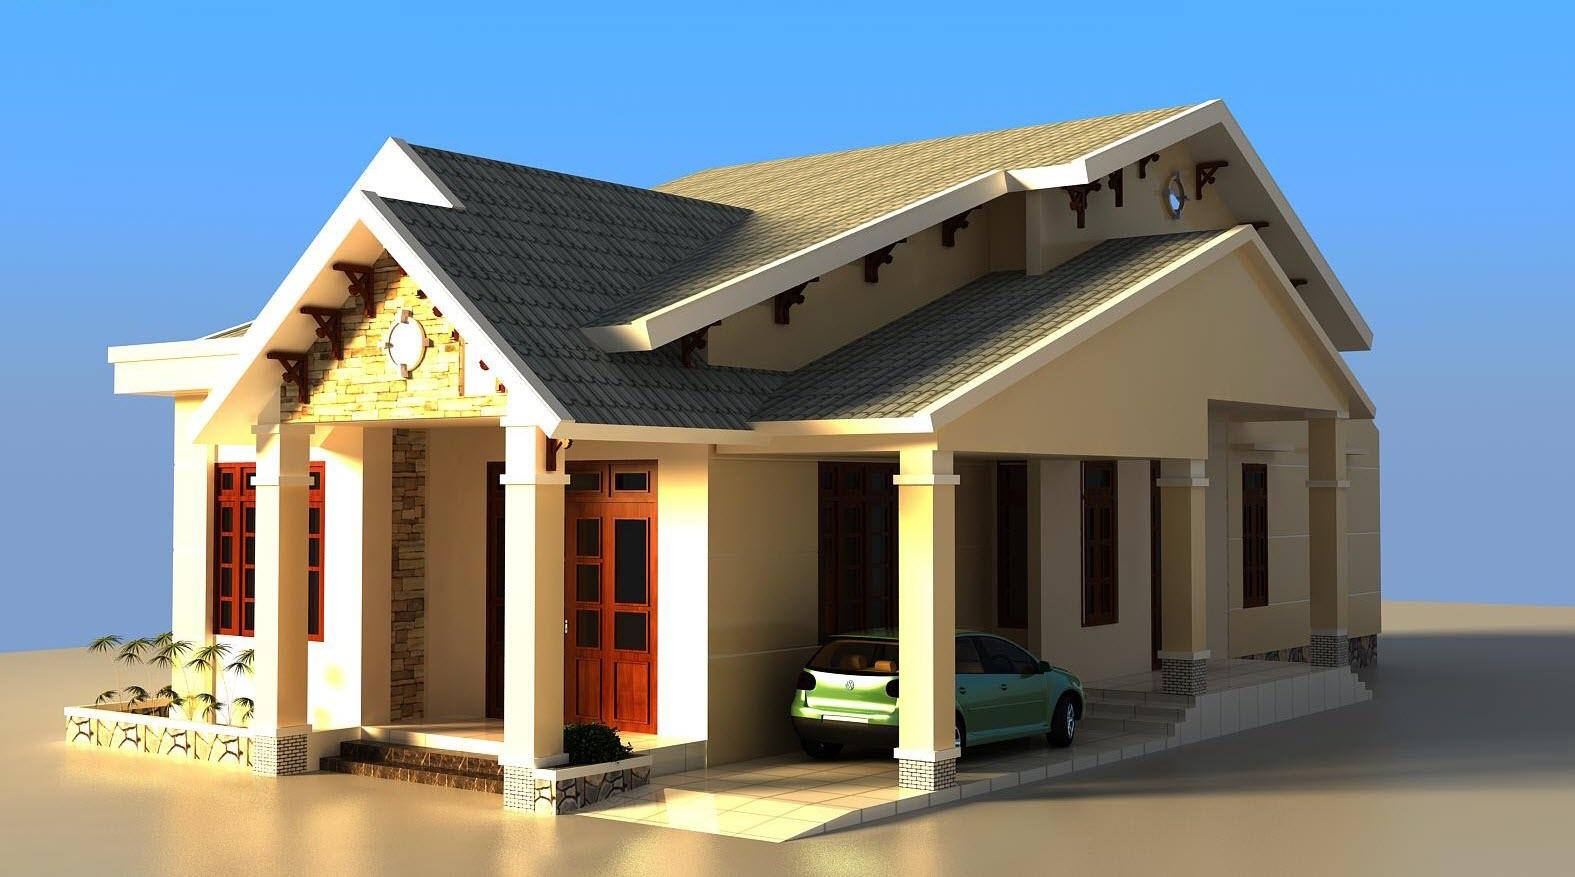 Thiết kế nhà tại Vĩnh Phúc